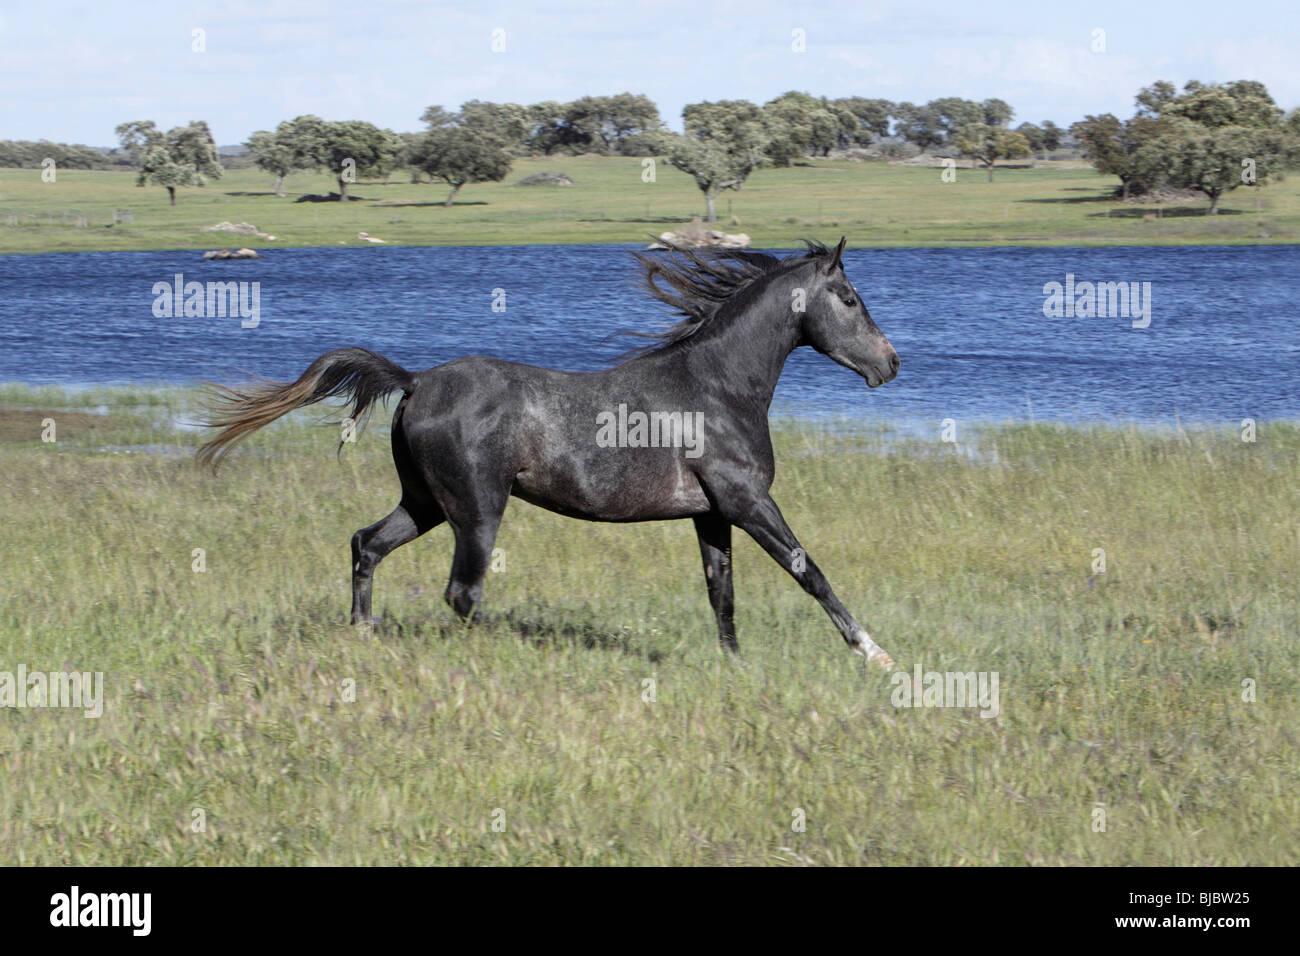 Caballo semental árabe, trote a través de pradera, en la región de Alentejo, Portugal Imagen De Stock